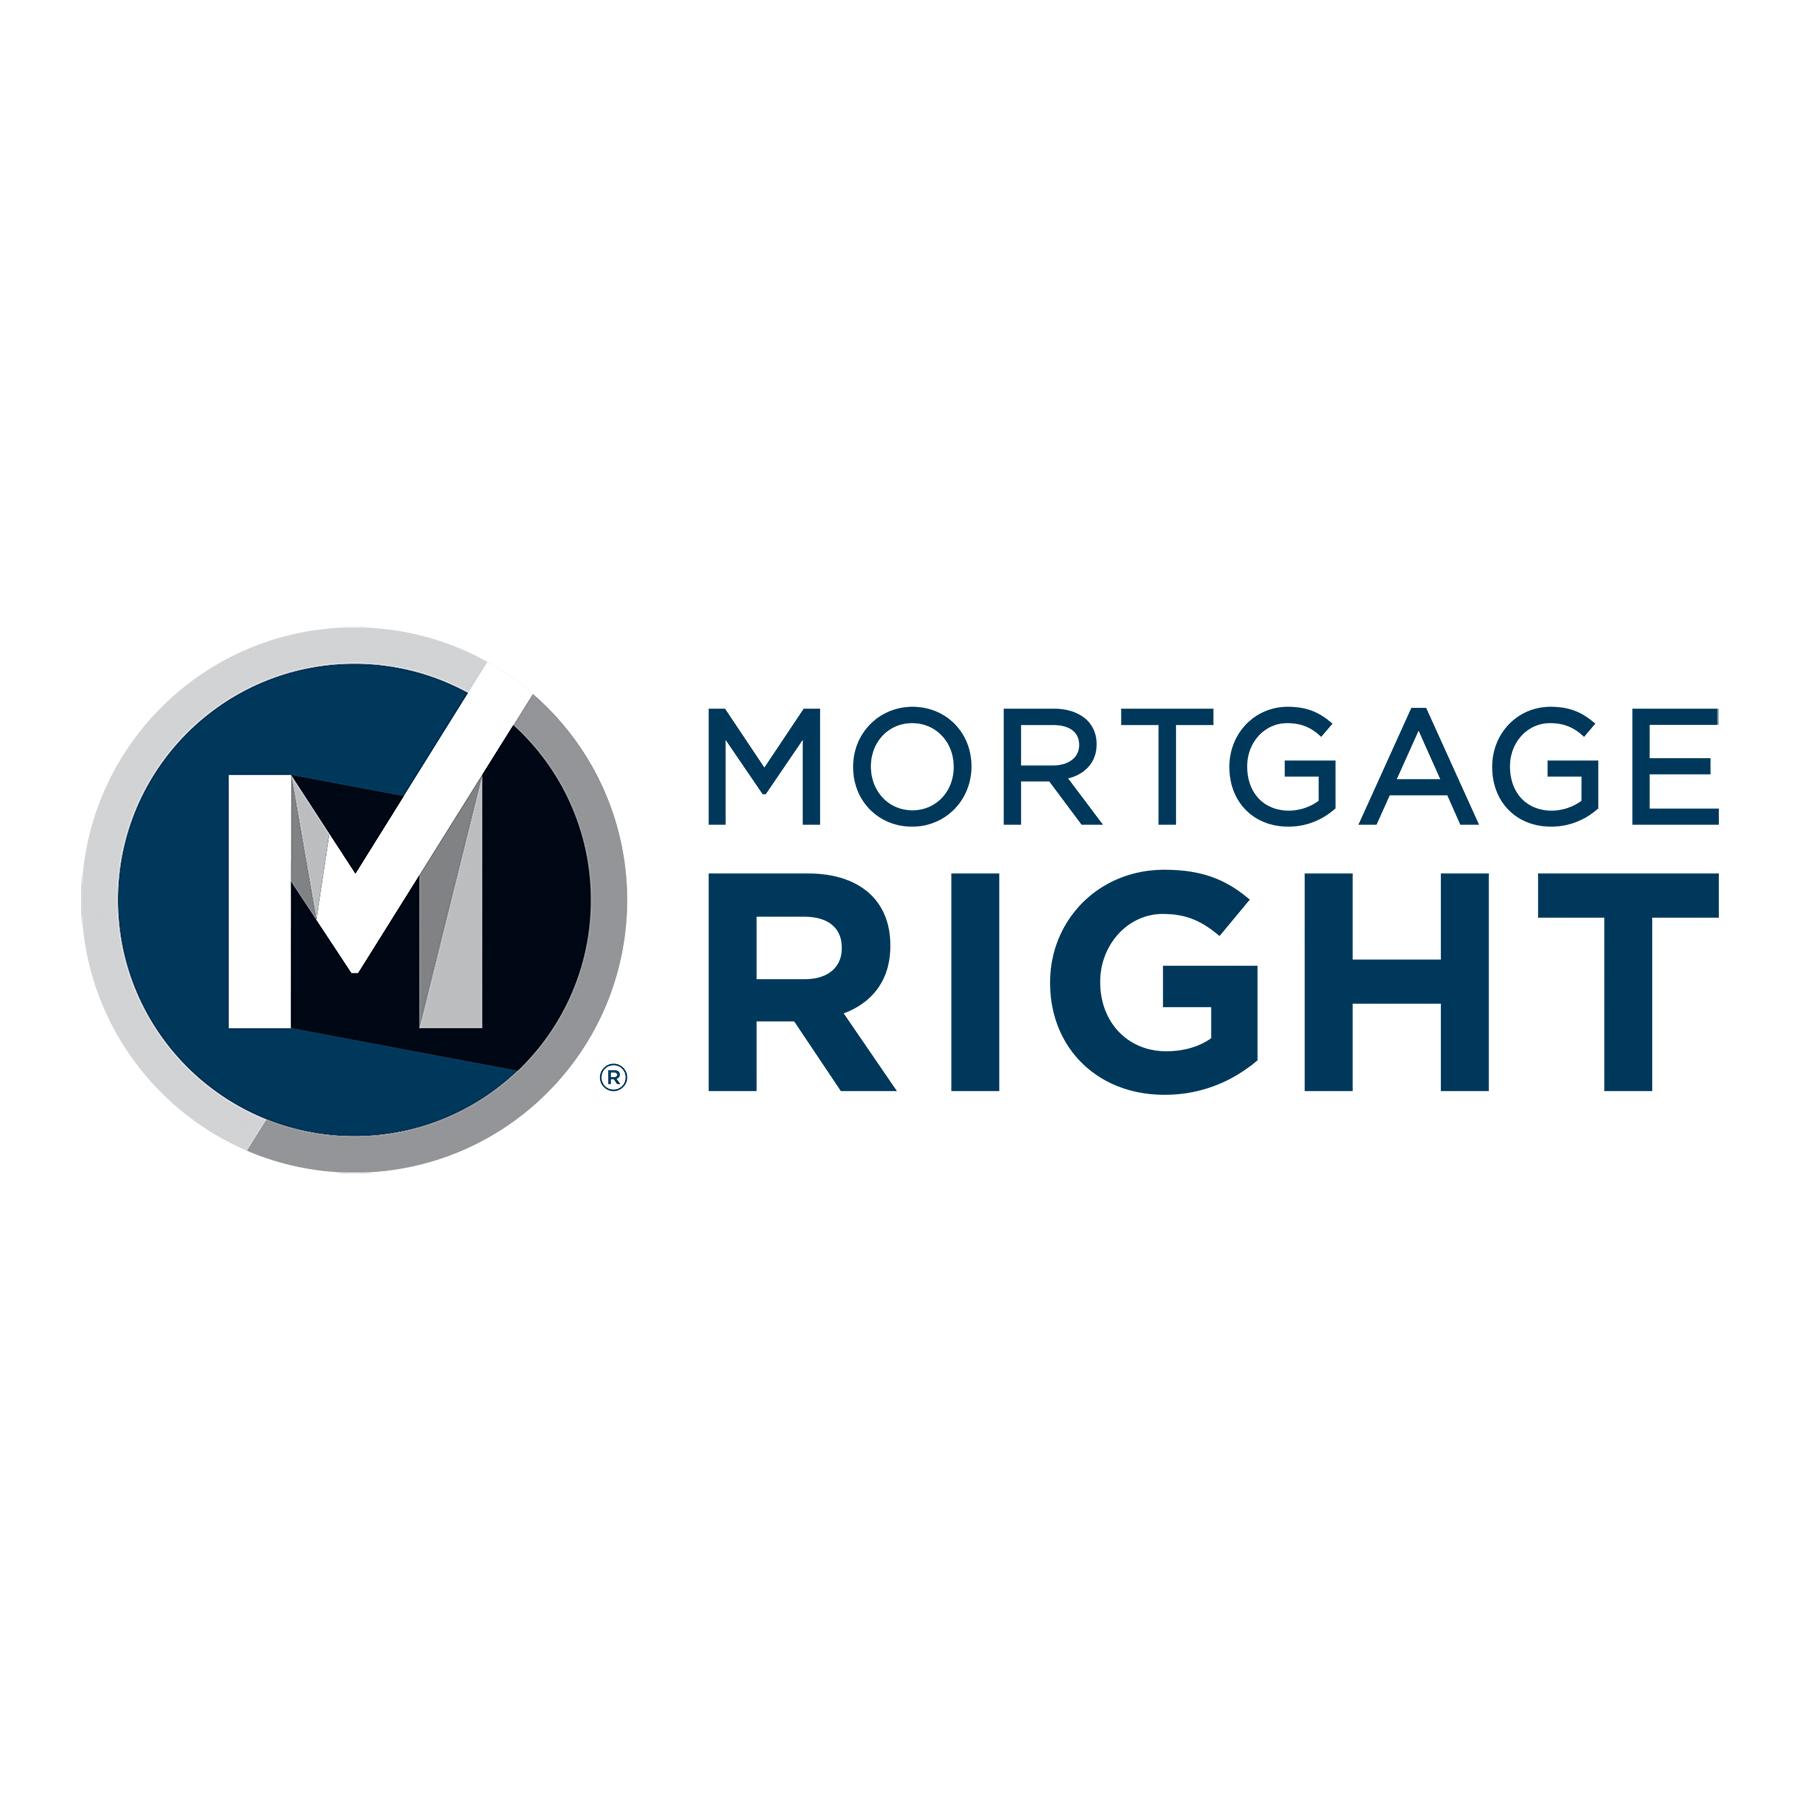 MortgageRight - Birmingham AL - Birmingham, AL 35243 - (205)776-8401 | ShowMeLocal.com